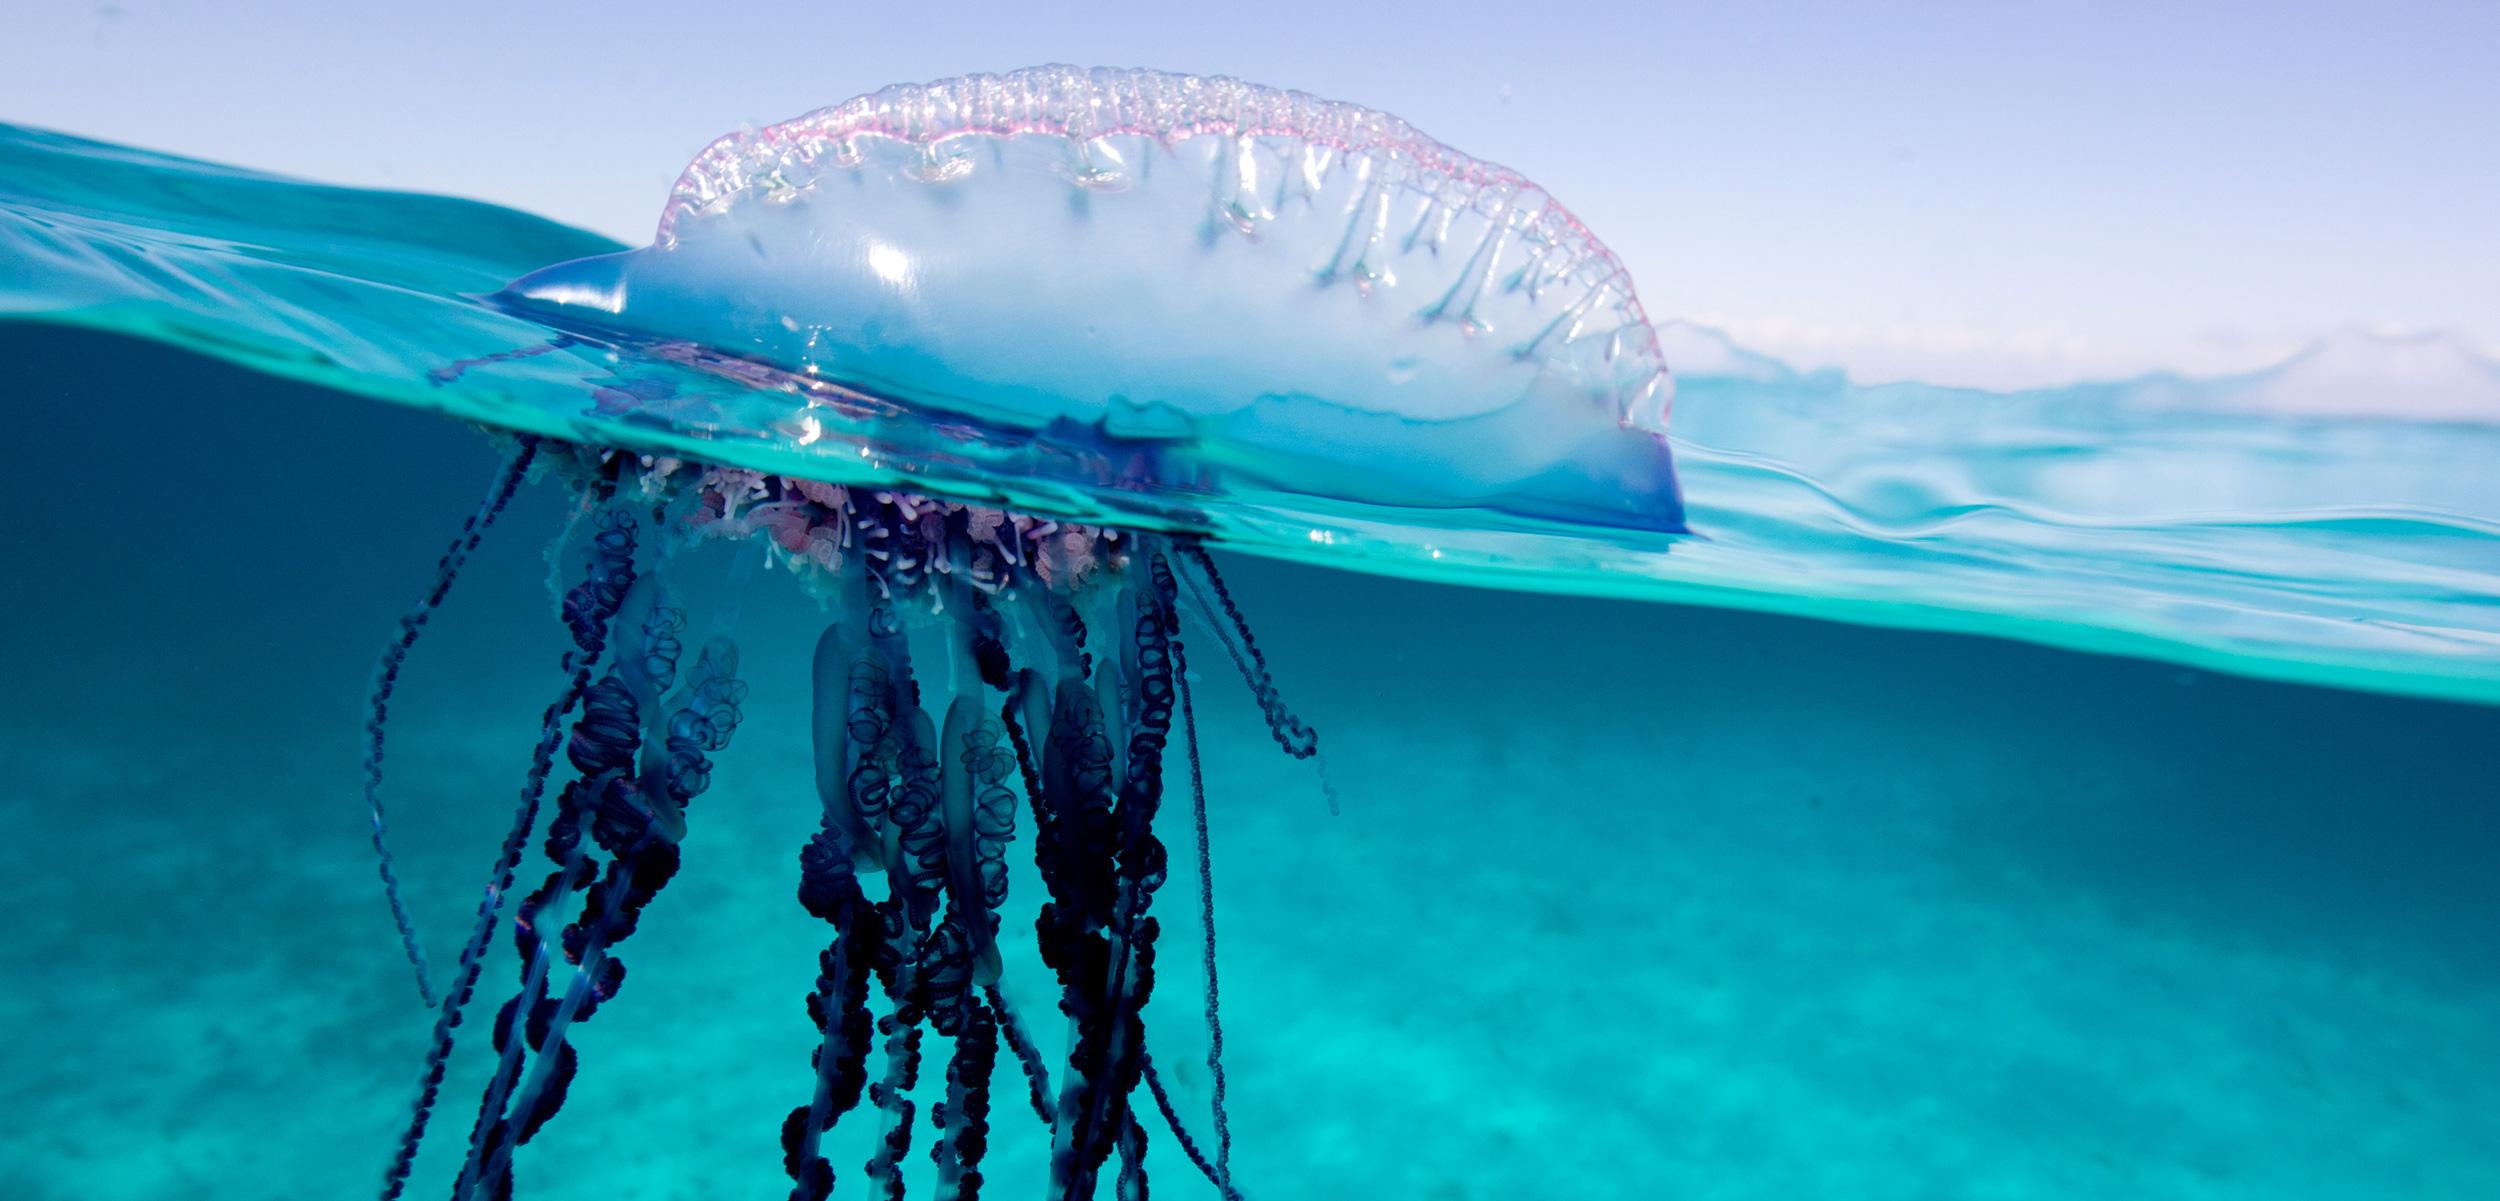 Metodo evitare meduse